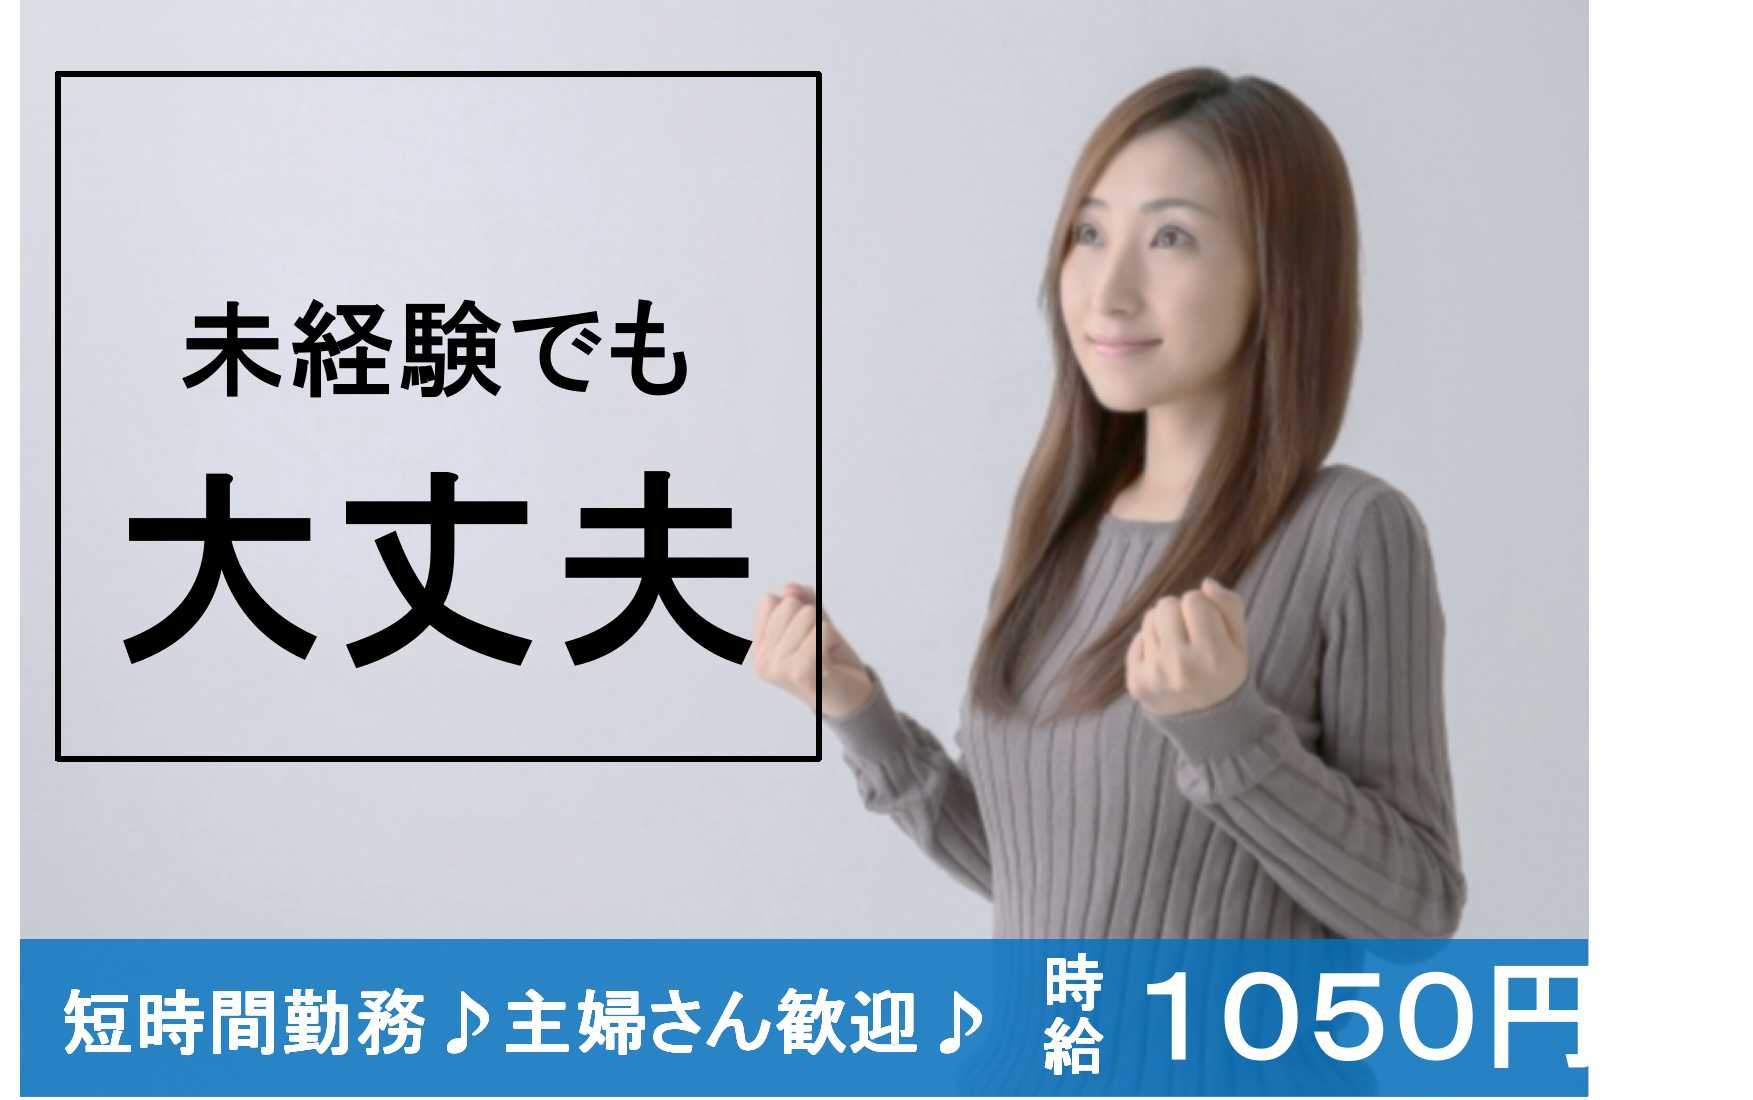 厨房事務員さん募集♪時給1000円以上!2時間半の短時間勤務★ イメージ